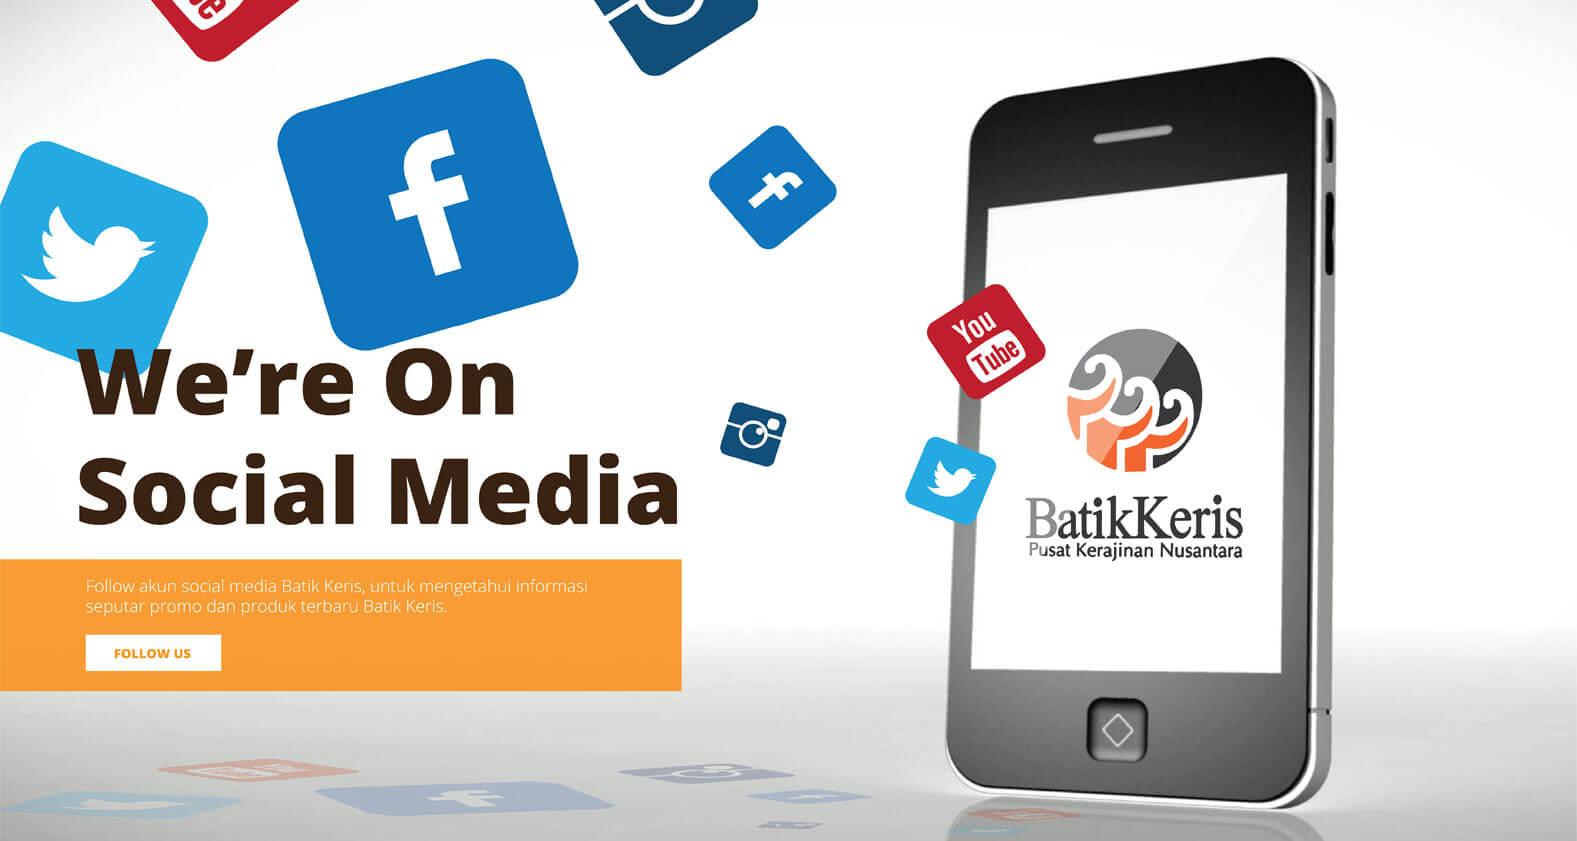 On Social Media